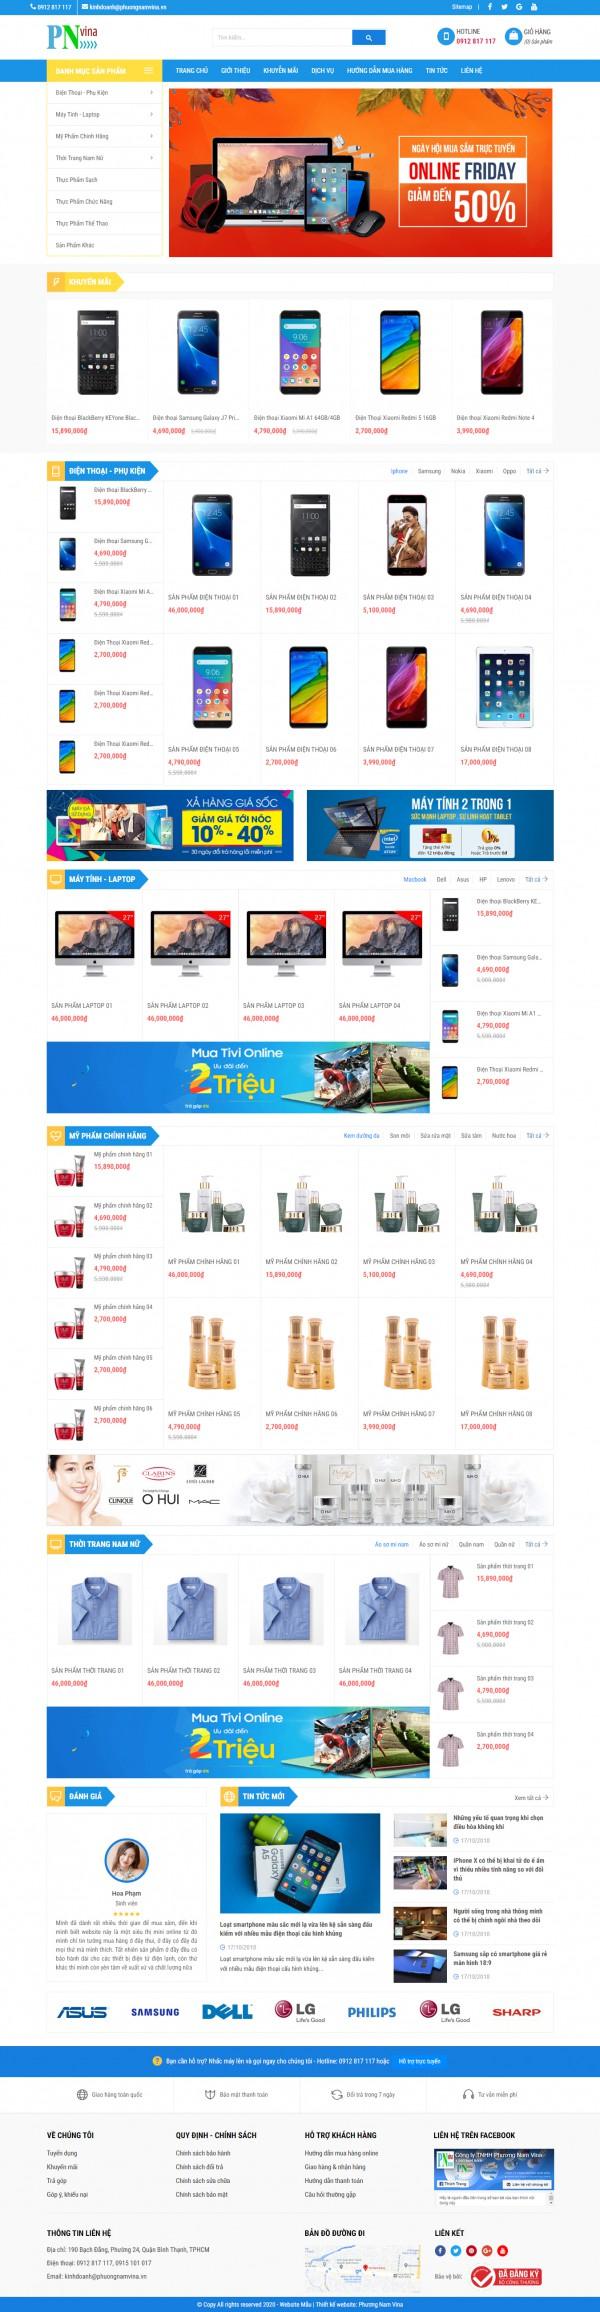 Mẫu web bán hàng chuyên nghiệp - MS19